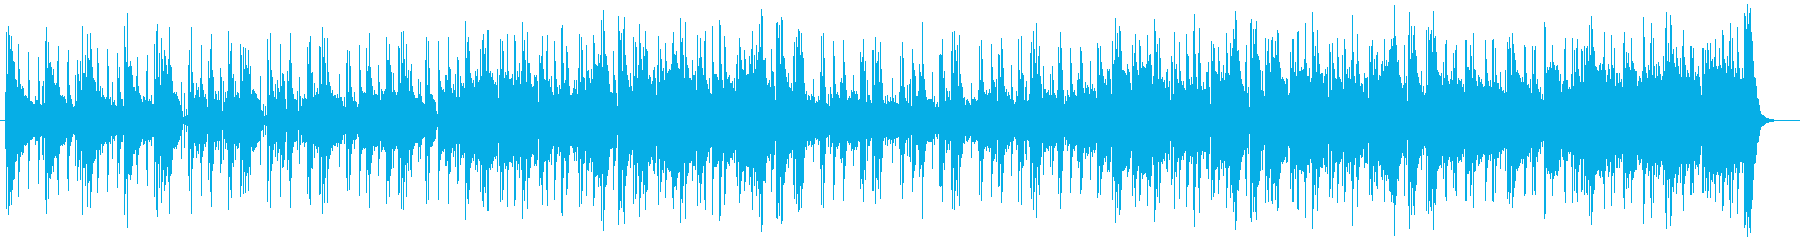 エレキギターなどの落ち着いたポップスの再生済みの波形